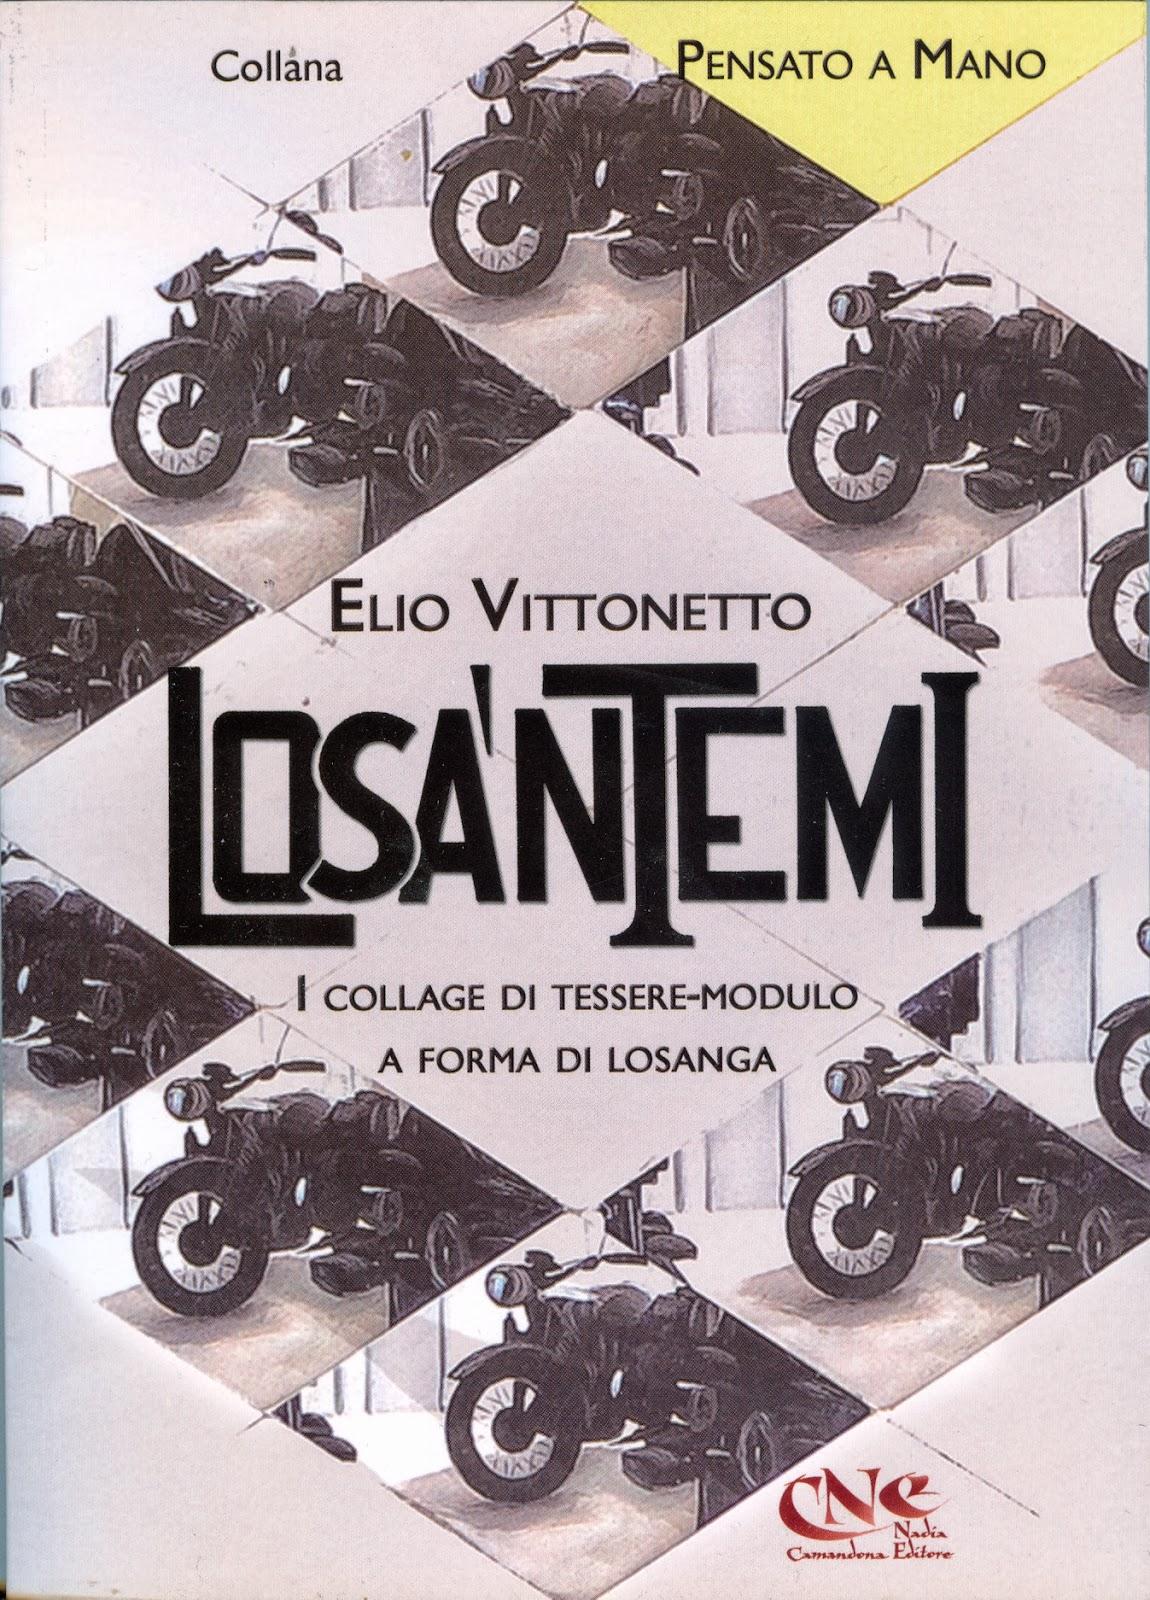 Losa'Ntemi